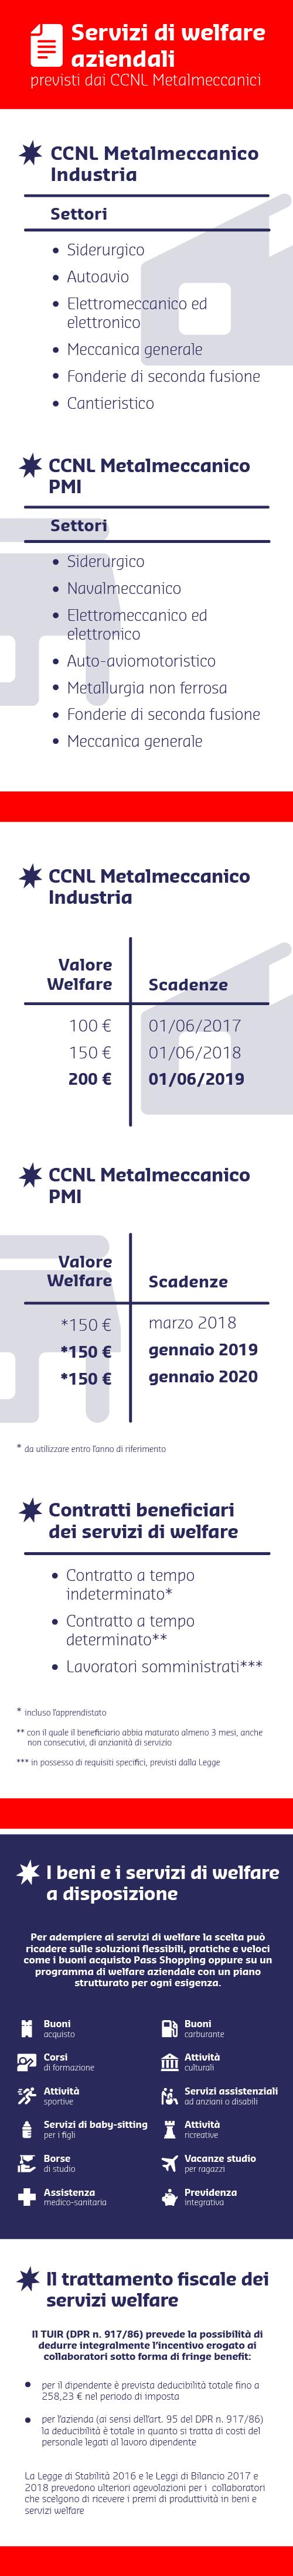 welfare CCNL metalmeccanici